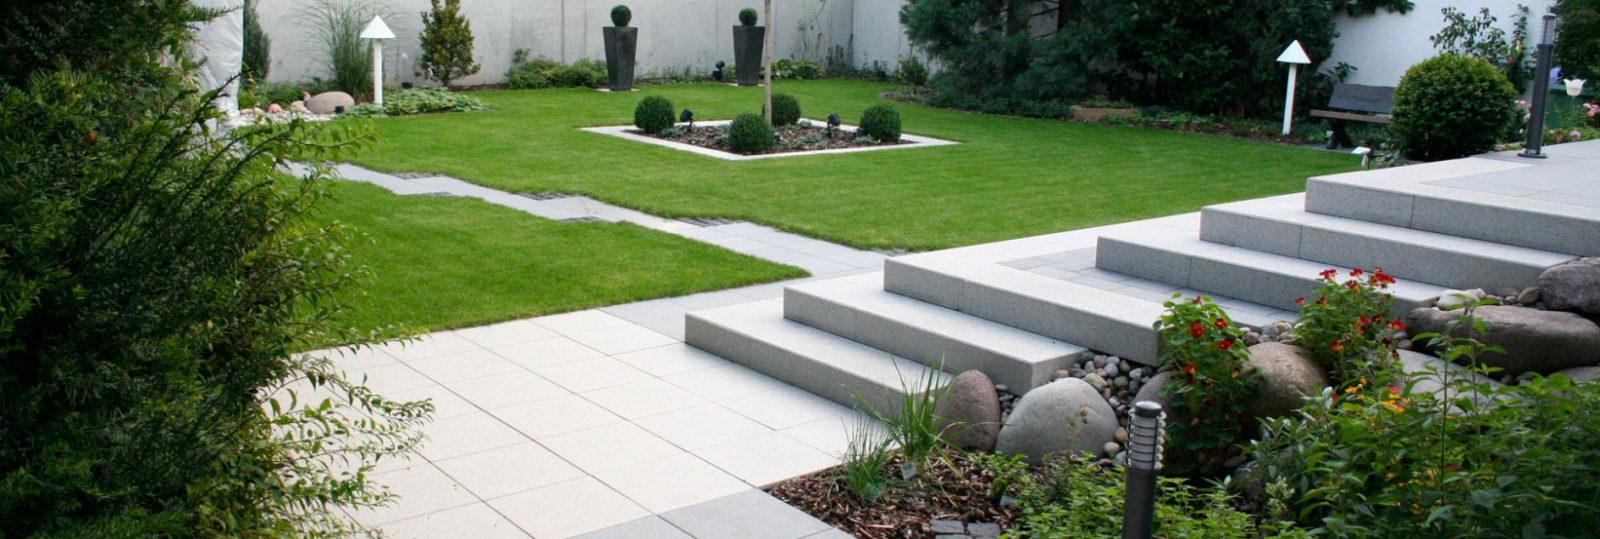 Gartenbau Landschaftsbau Pfungstadt  Krämer Gartenbau von Garten Und Landschaftsbau Photo